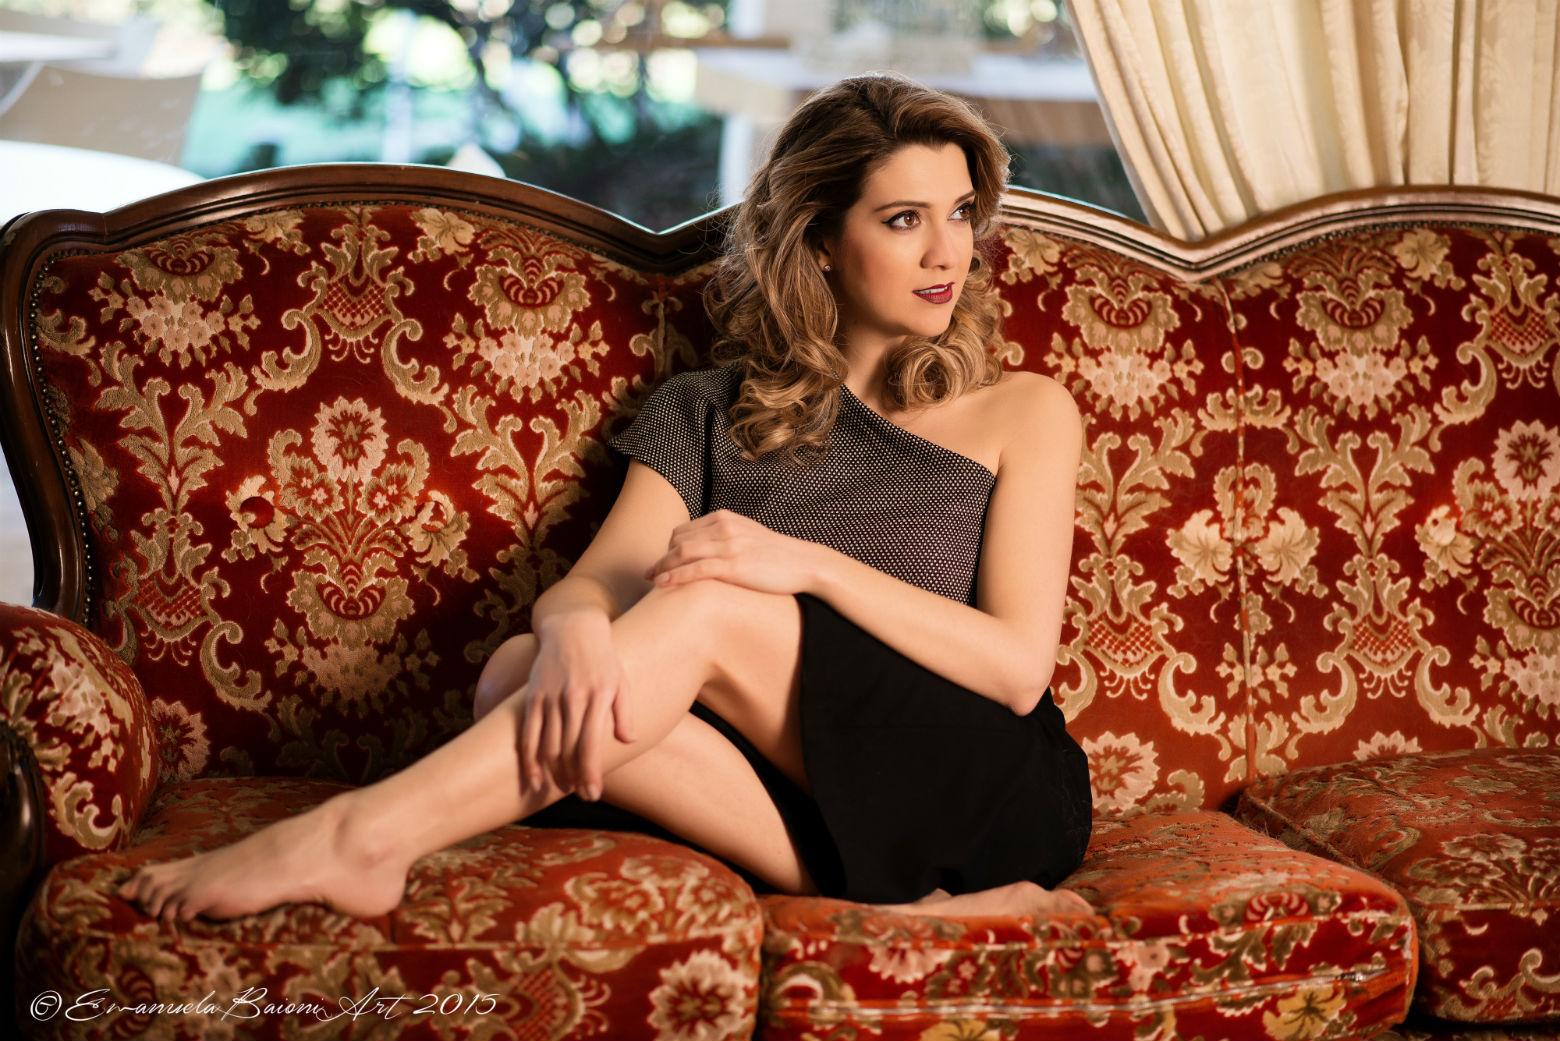 """Martedì 17 maggio la cantante ravennate Eleonora Mazzotti sarà al Festival di Cannes in occasione della presentazione di """"Tra le onde, nel cielo"""" docu-film di Francesco Zarzana.È lei infatti a […]"""